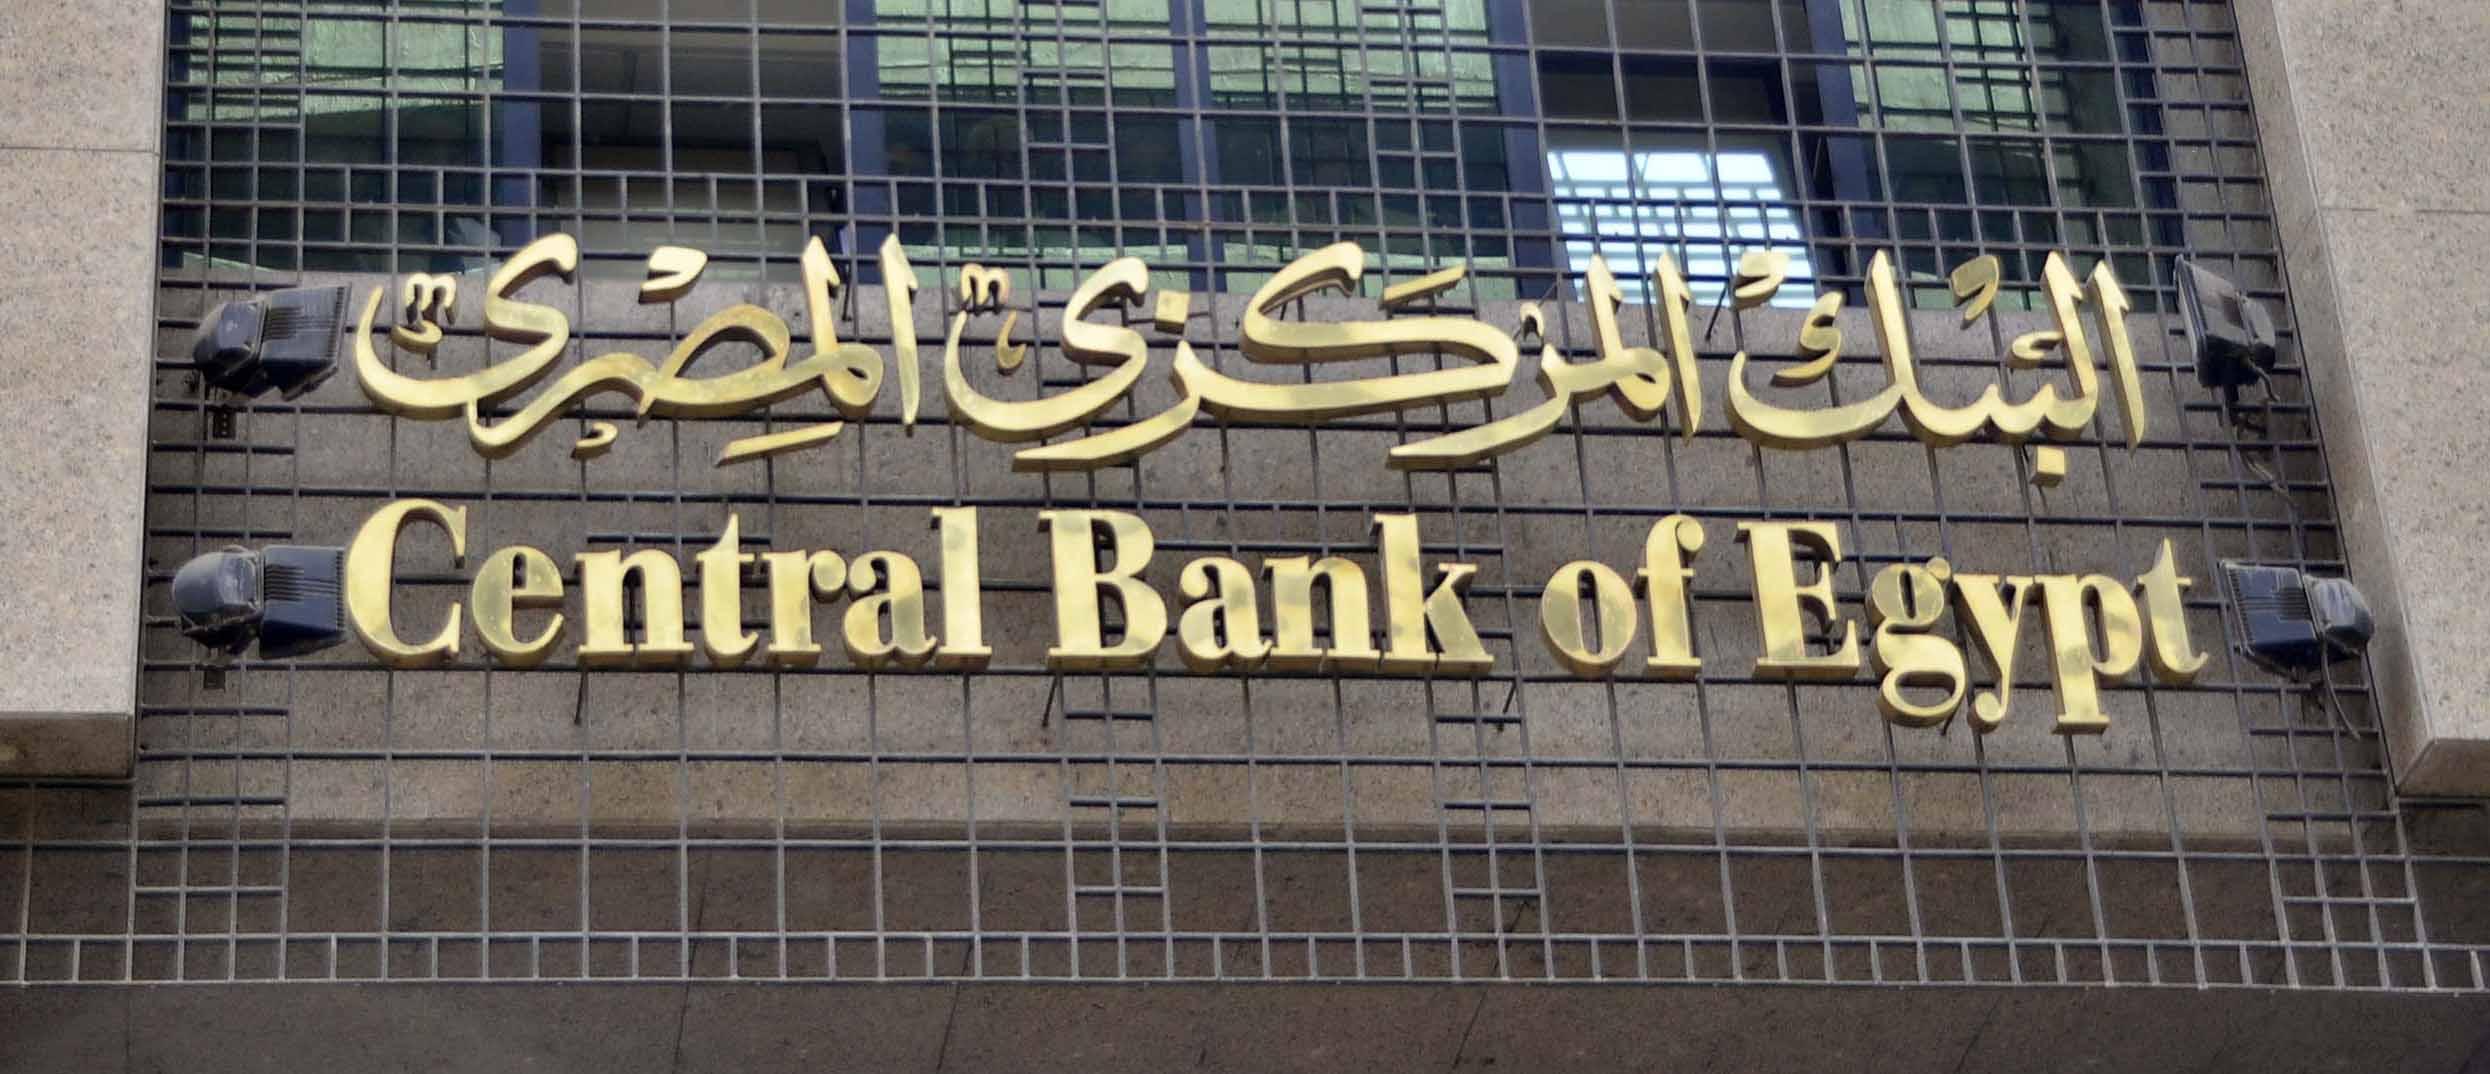 البنك المركزي يضع شروط للموافقة المبدئية على ترخيص مزاولة أعمال البنوك